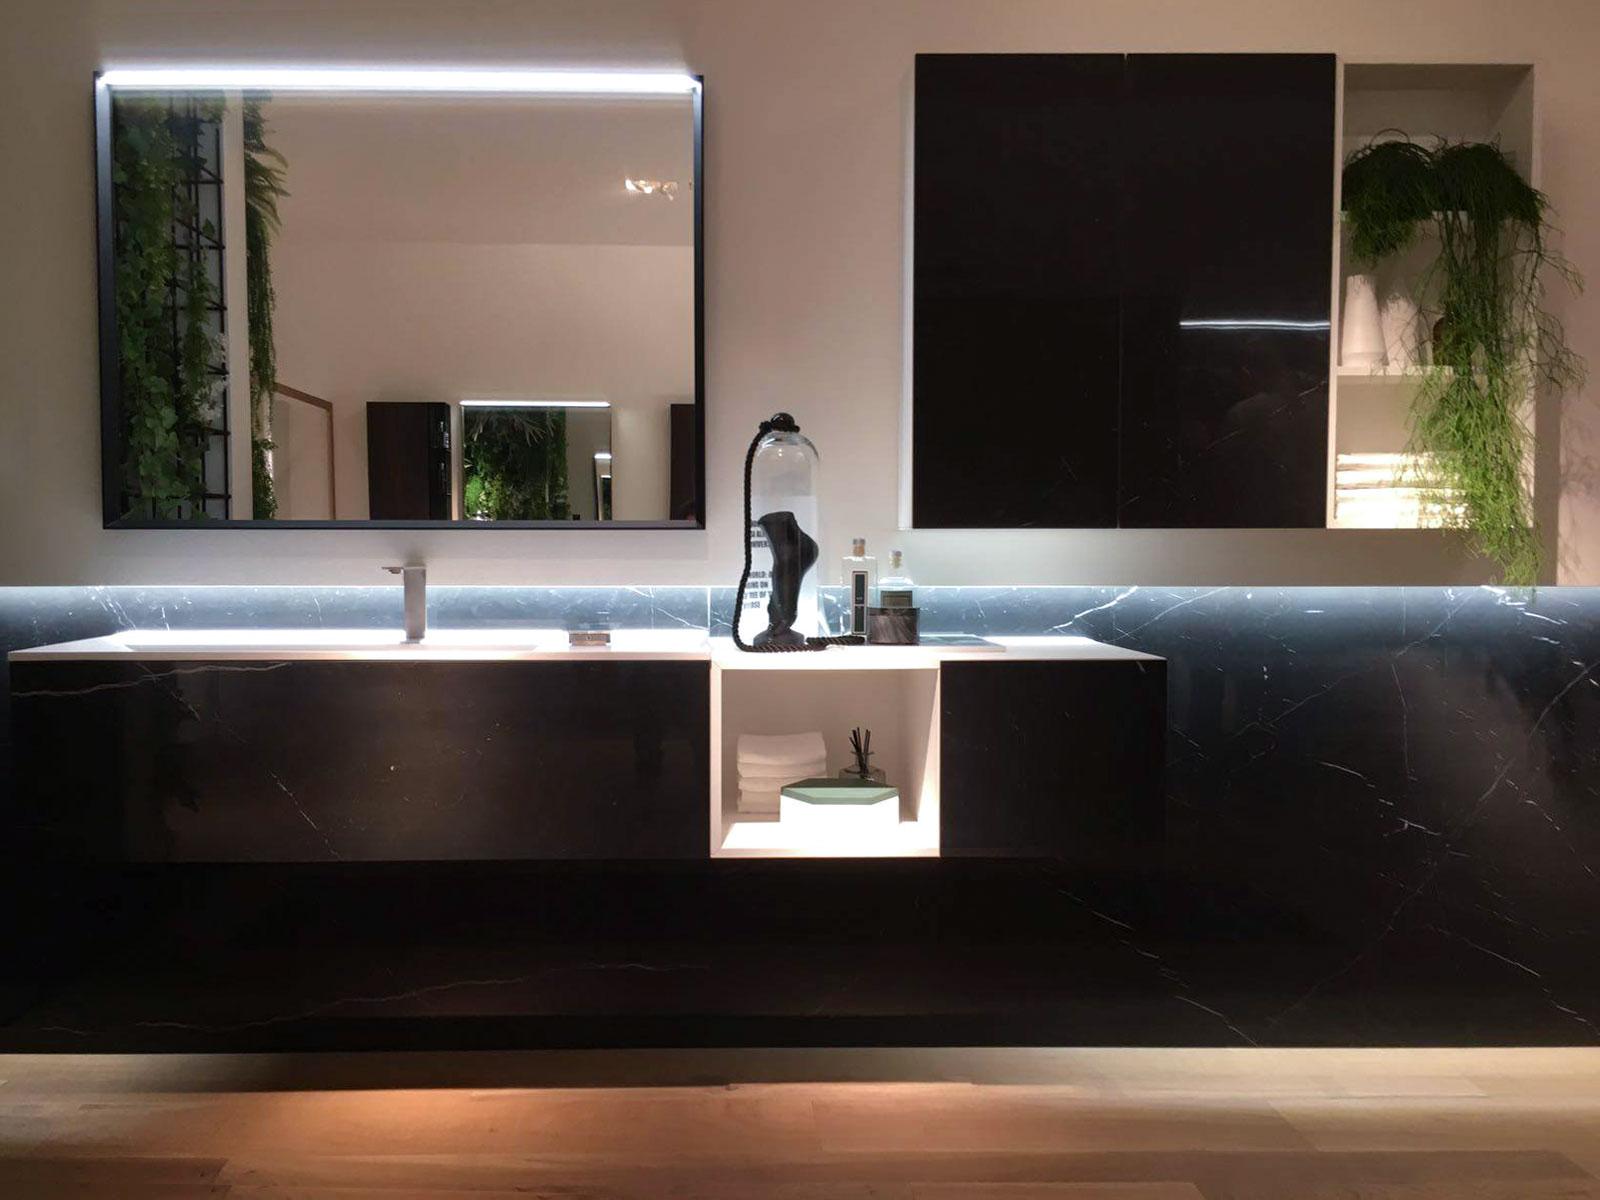 Articoli Per Bagno Milano collezione-dogma-ideagroup-arredo-bagno-salone-del-mobile